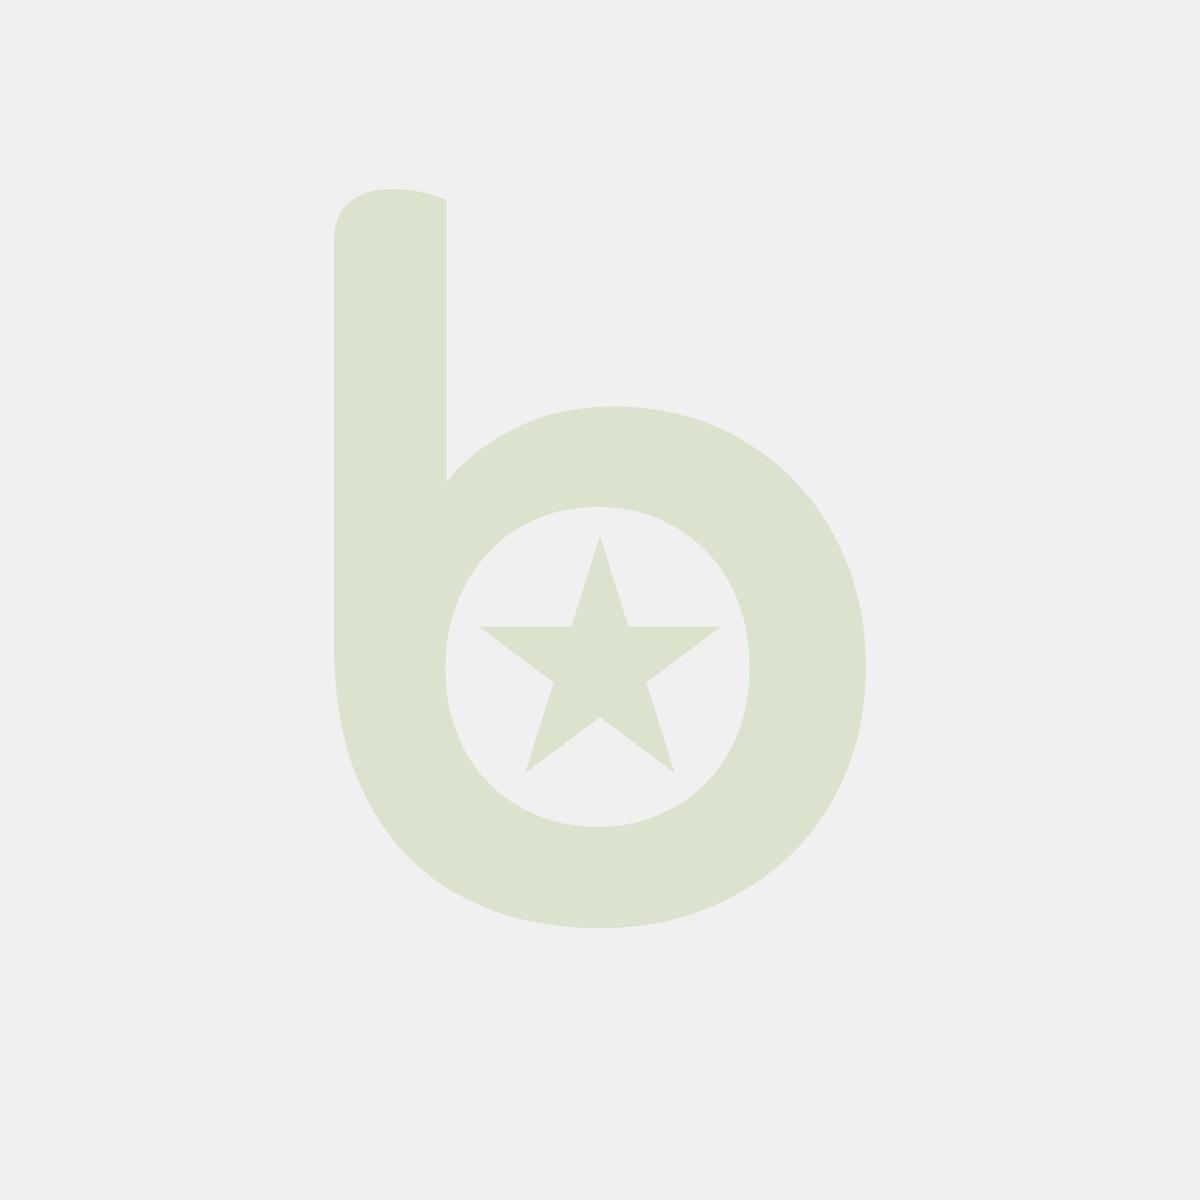 FINGERFOOD - pucharek 60ml kwadratowy 5,5x5,5x5,5 skośny op. 60 sztuk